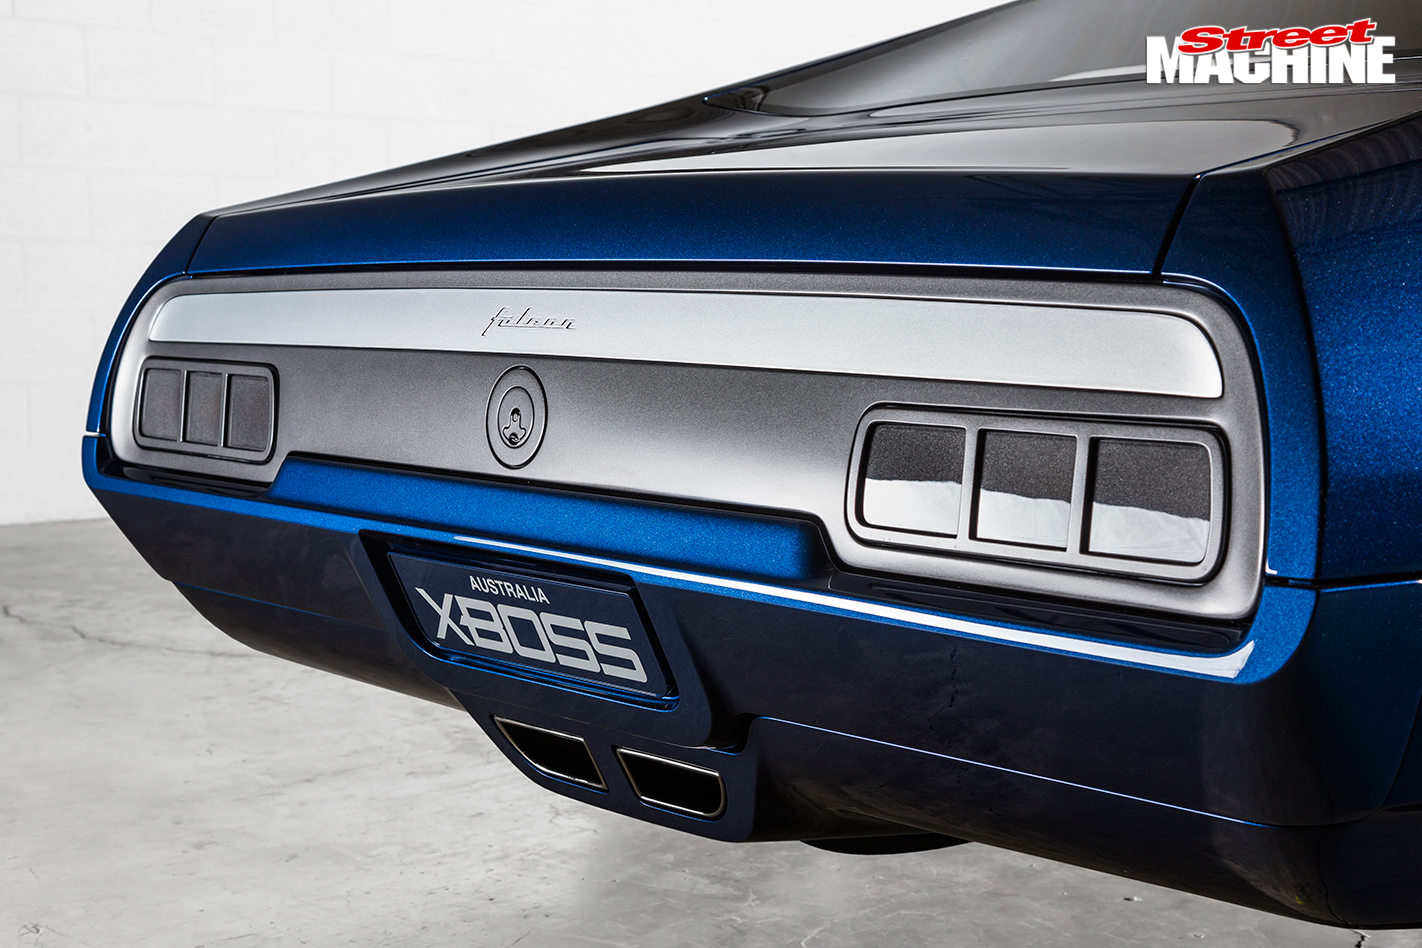 Falcon -XB-coupe -XBOSS-rear -detail